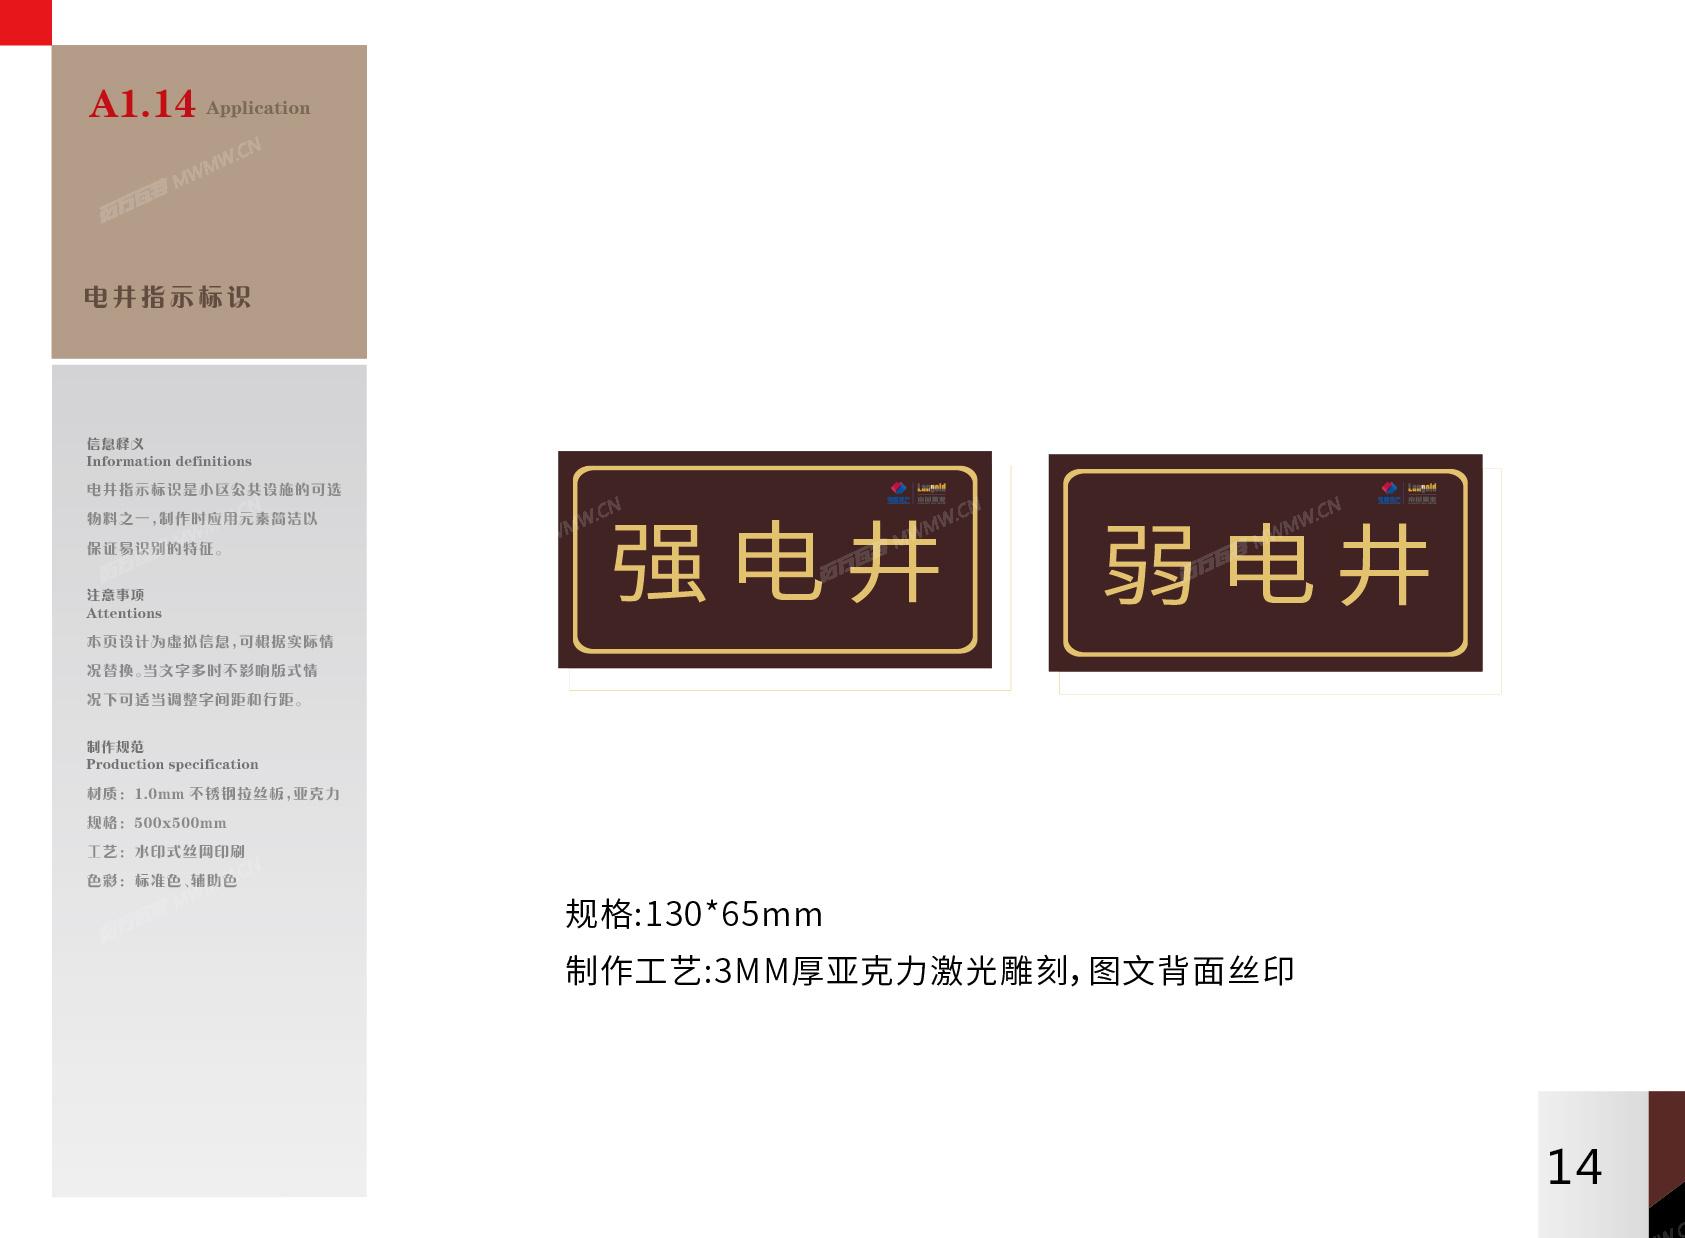 泷悦华府环境导视系统设计方案3.0cs520180112-06.jpg